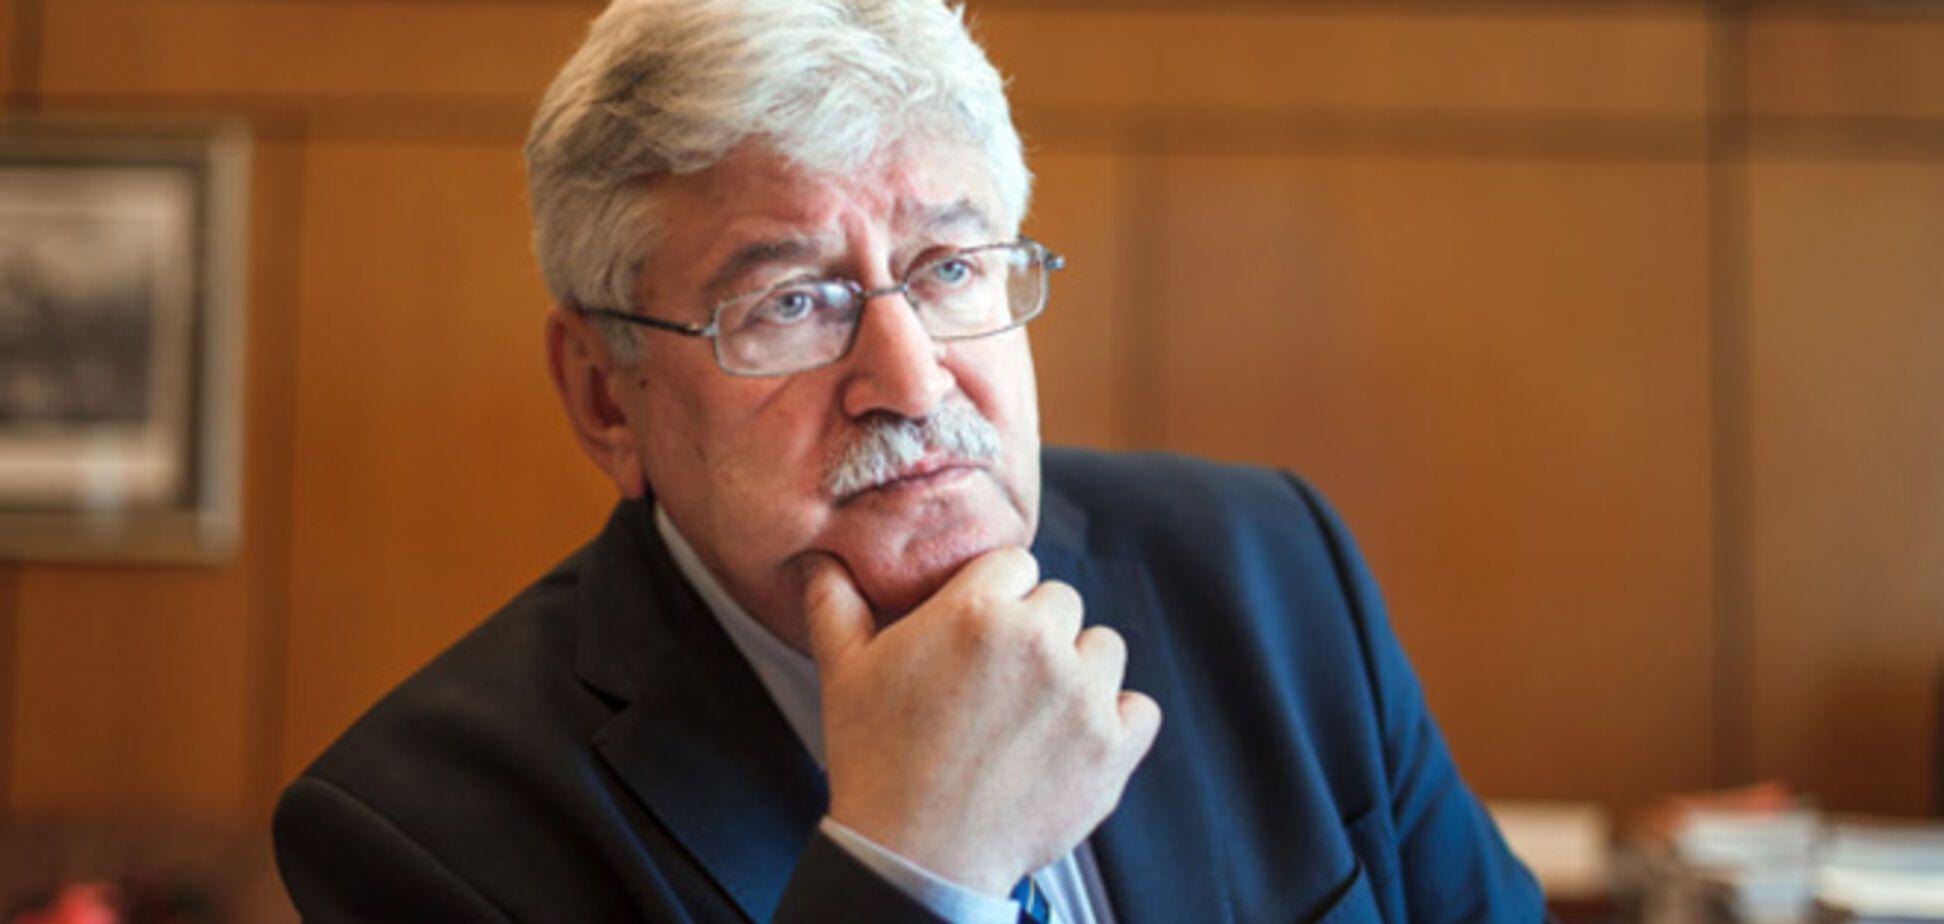 Война в Украине отвлекает внимание от Крыма и вытесняет внутренние проблемы России – академик РАН